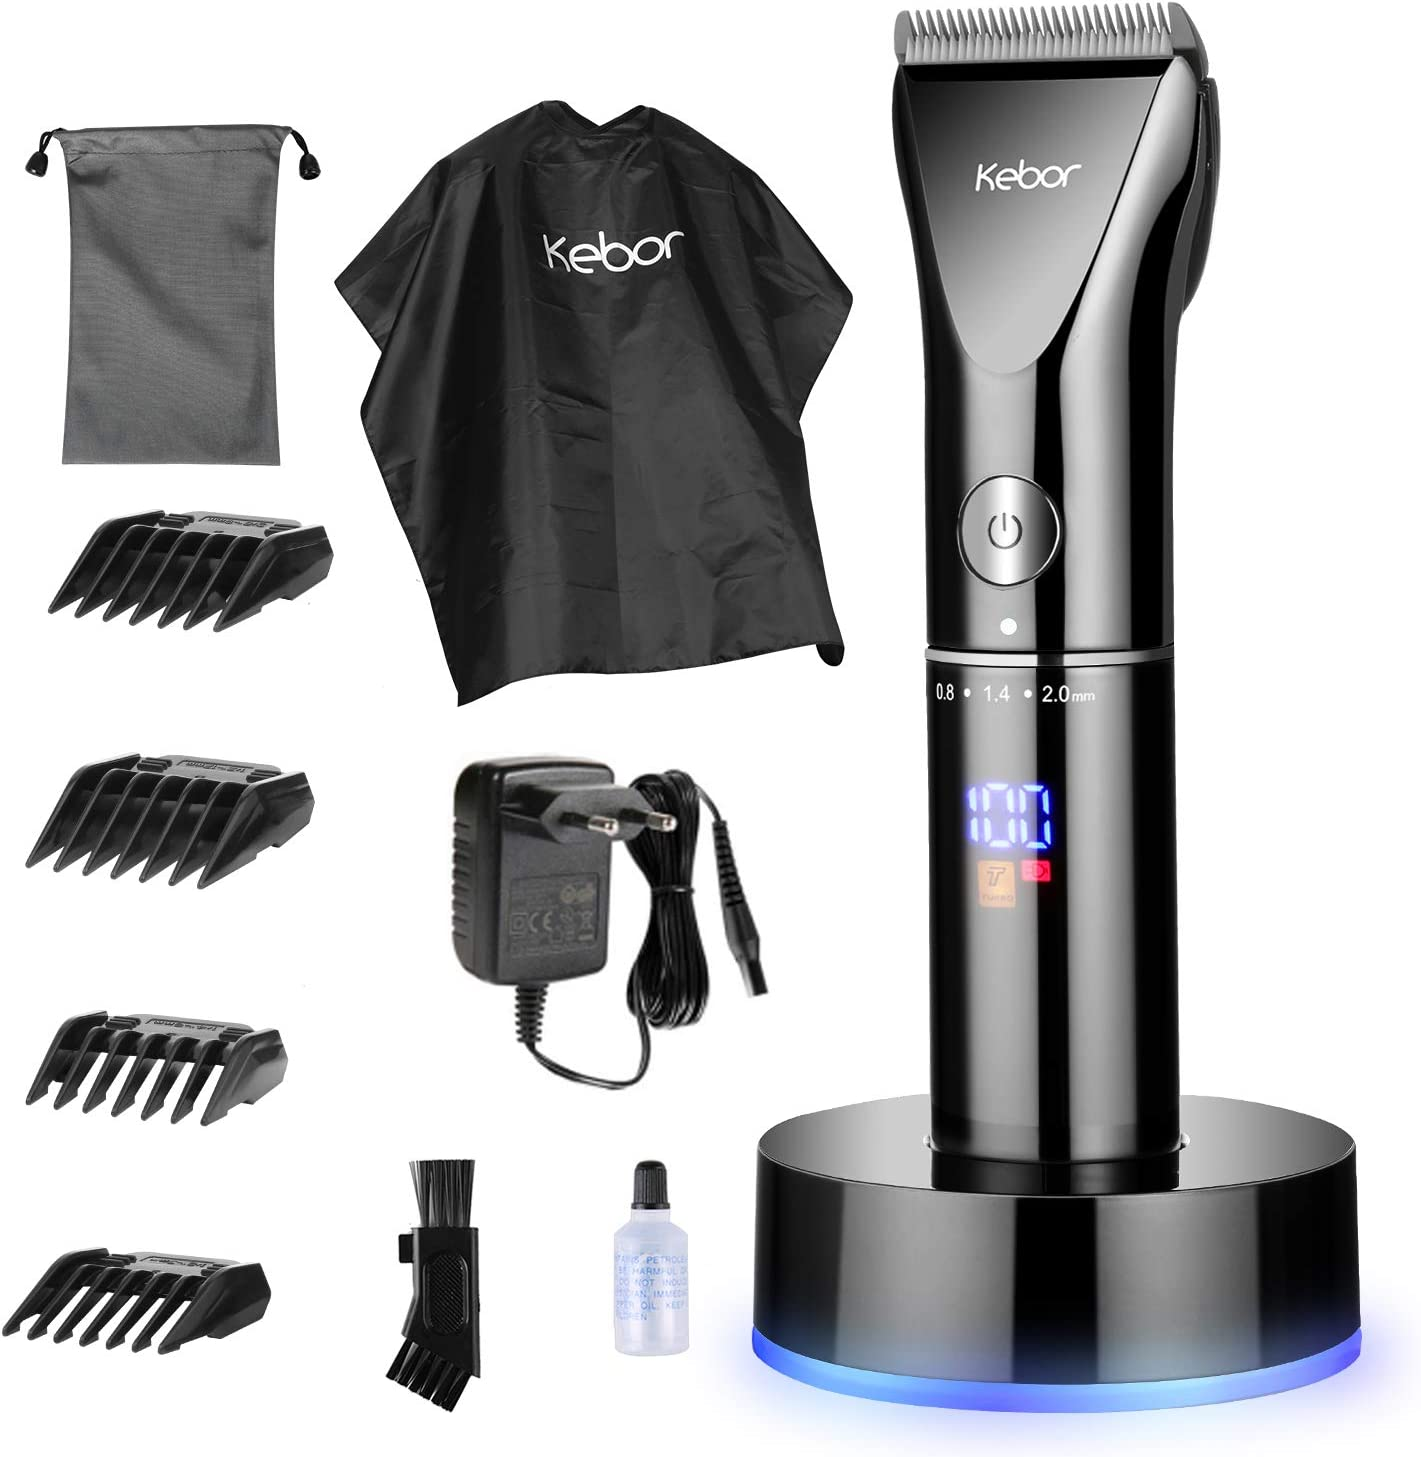 Cortapelos para Hombres, Juego de Recortador Eléctrico sin Cable con Batería de Litio Recargable, Pantalla LED, Base de Carga, con Aceite de peluquería, PC1010